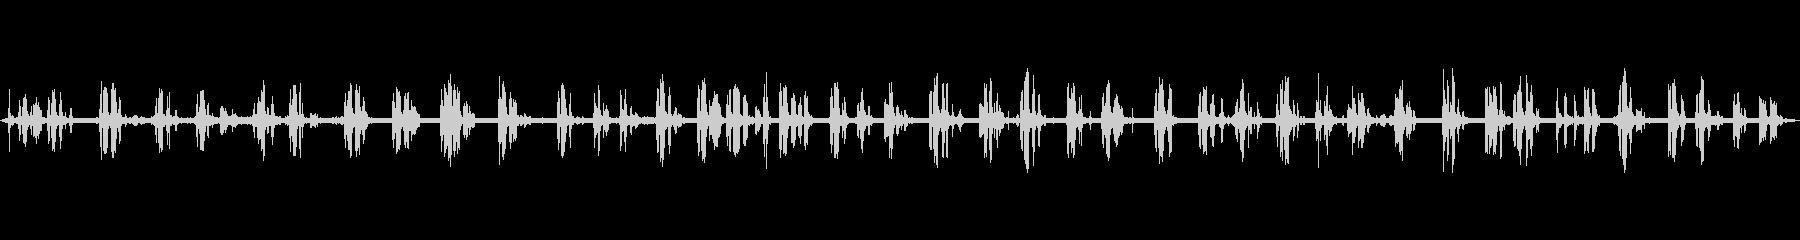 ブラックバード、バード、フォレスト...の未再生の波形